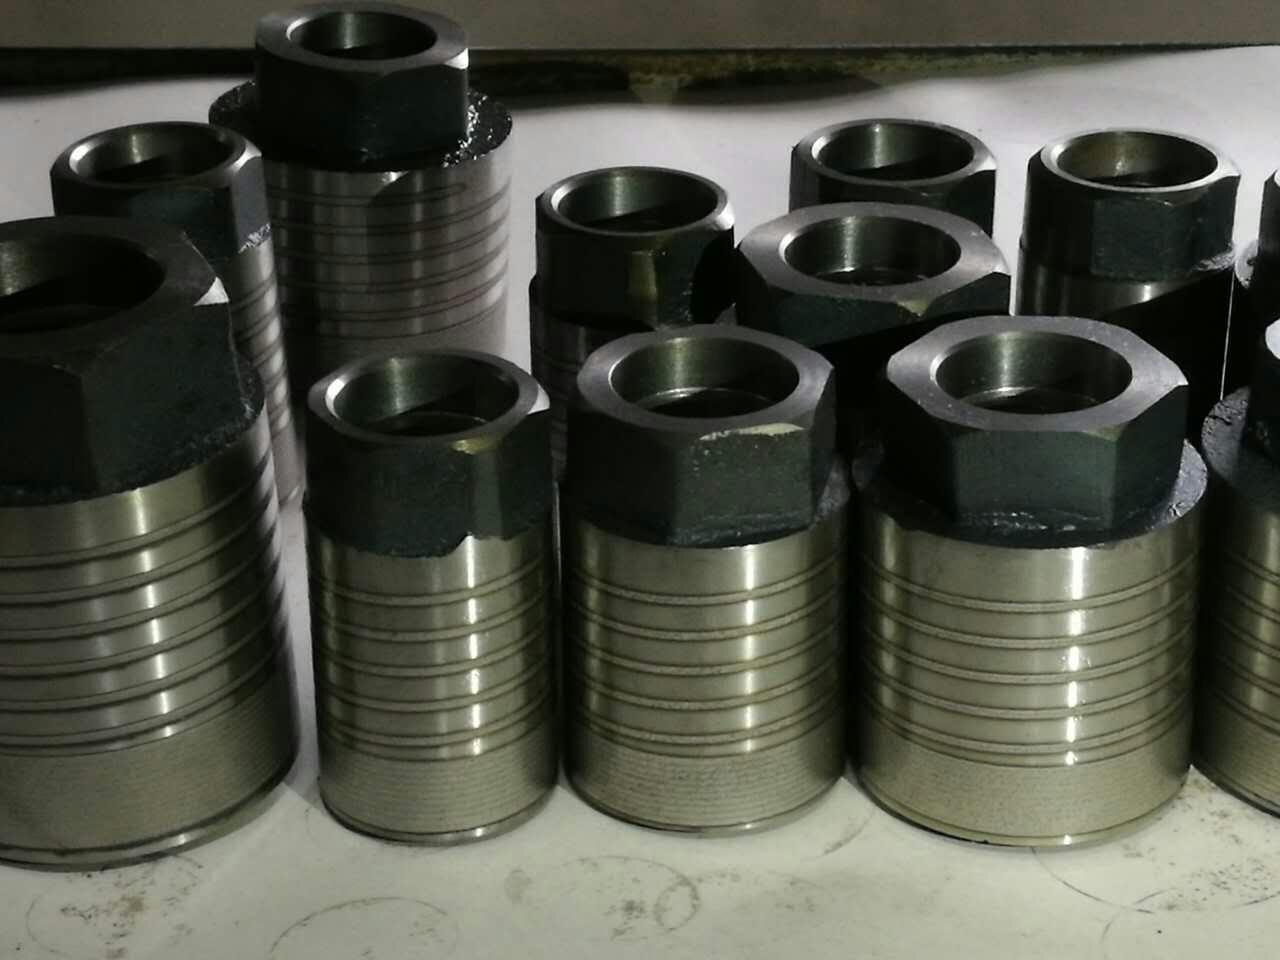 Laser ceramic alloy Plunger Tip